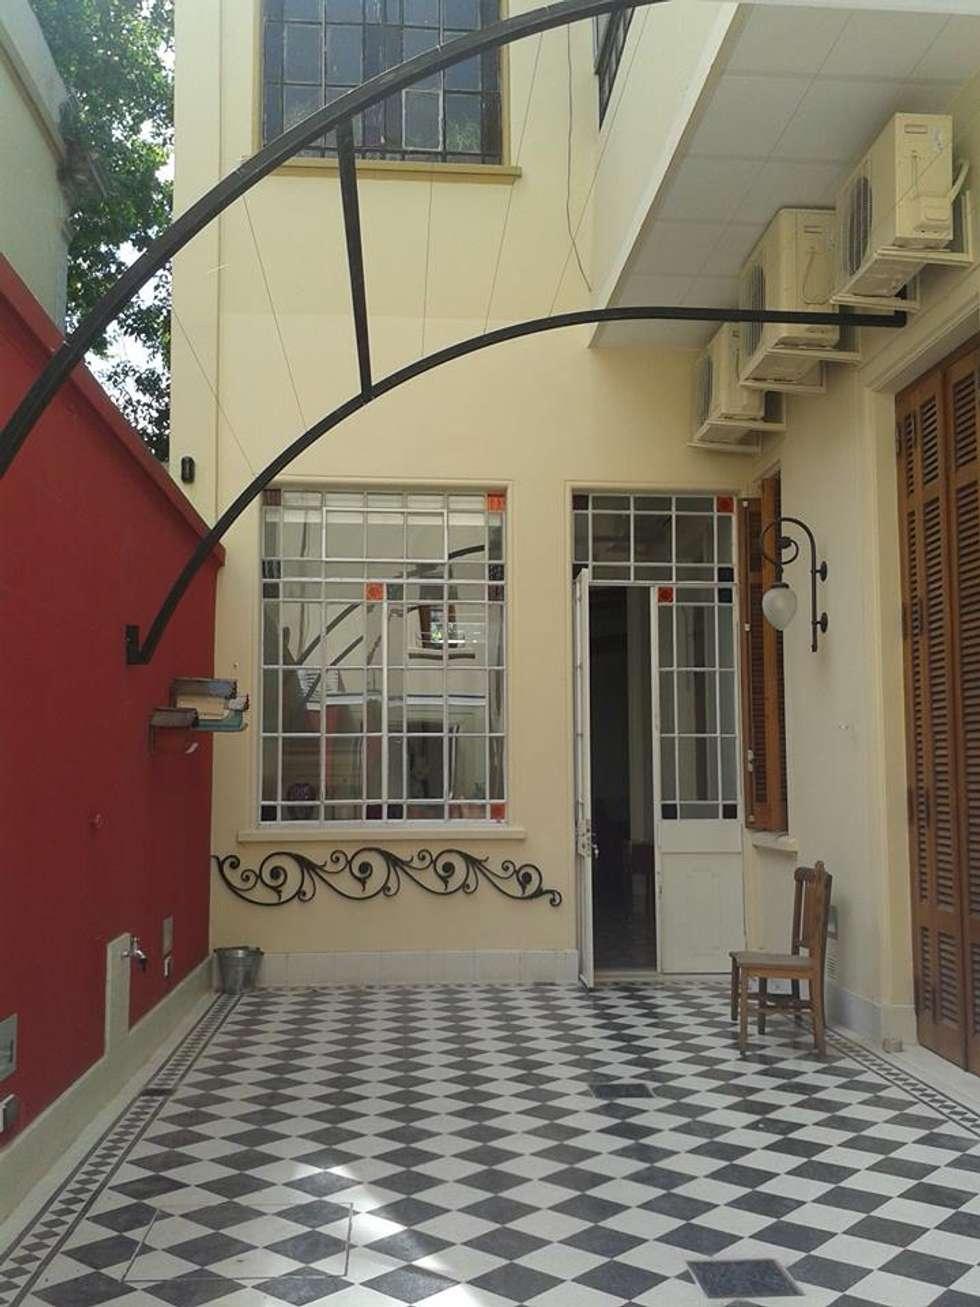 Patio terminado!: Casas de estilo moderno por arq.c2